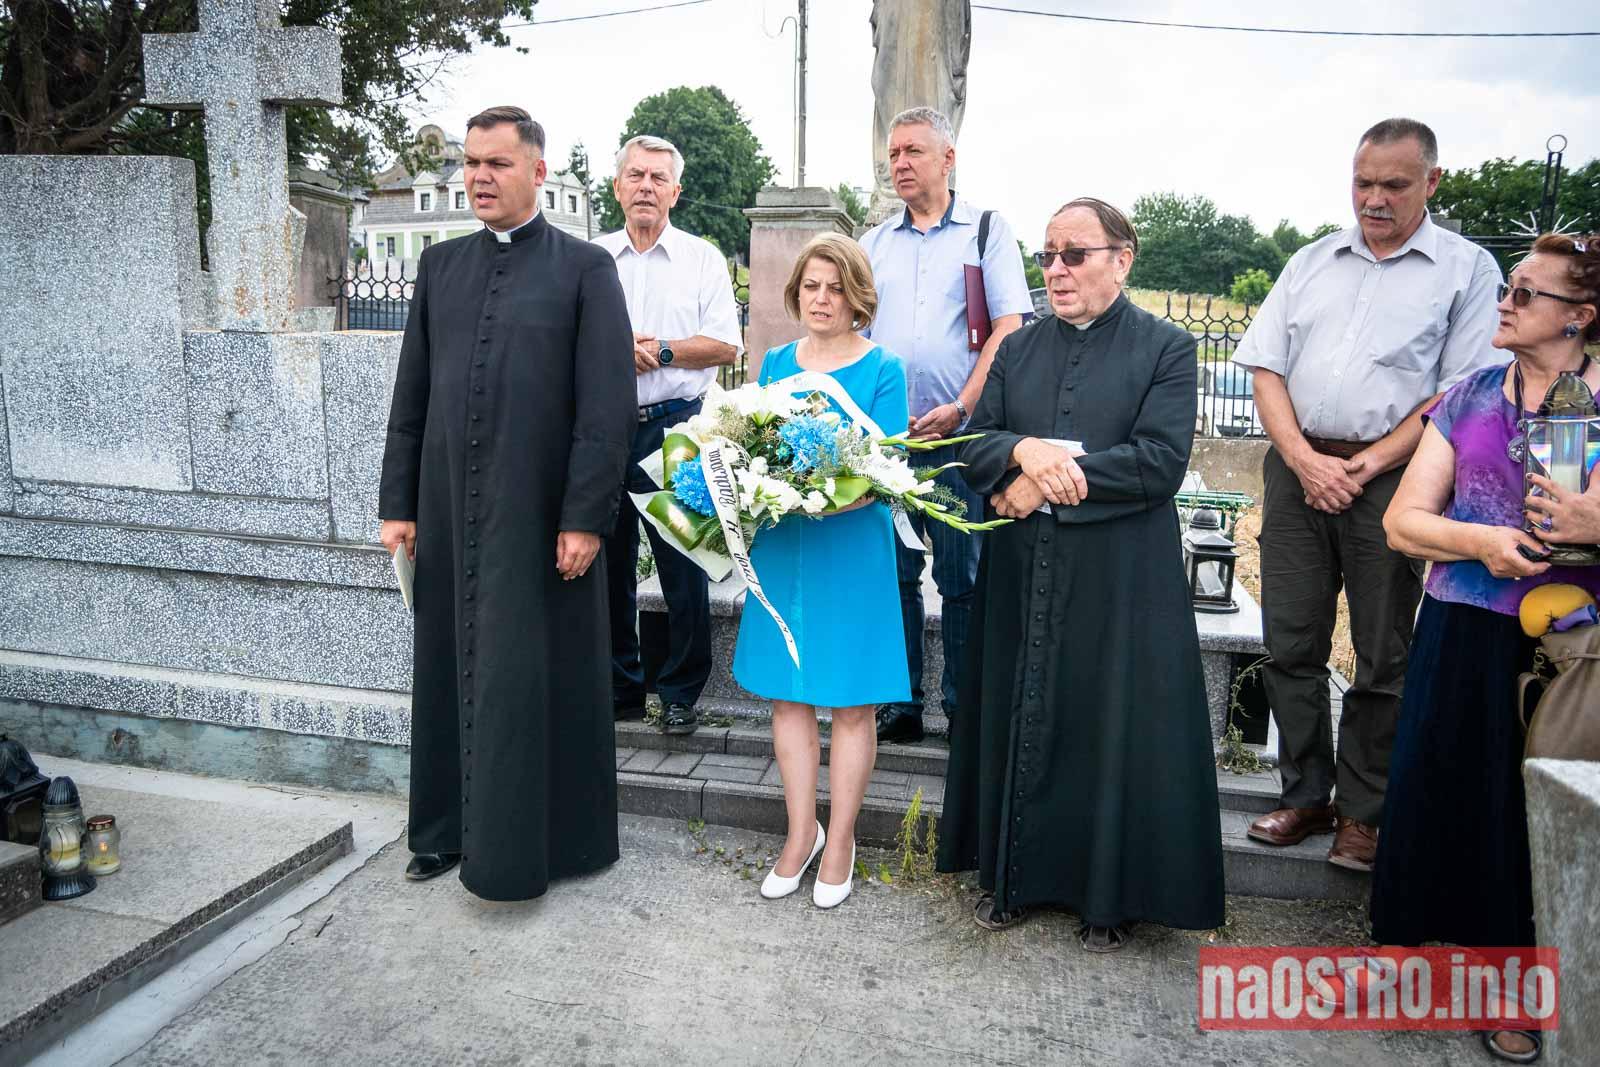 NaOSTROinfo 30 rocznica smierci ks Marcina Popiela-47